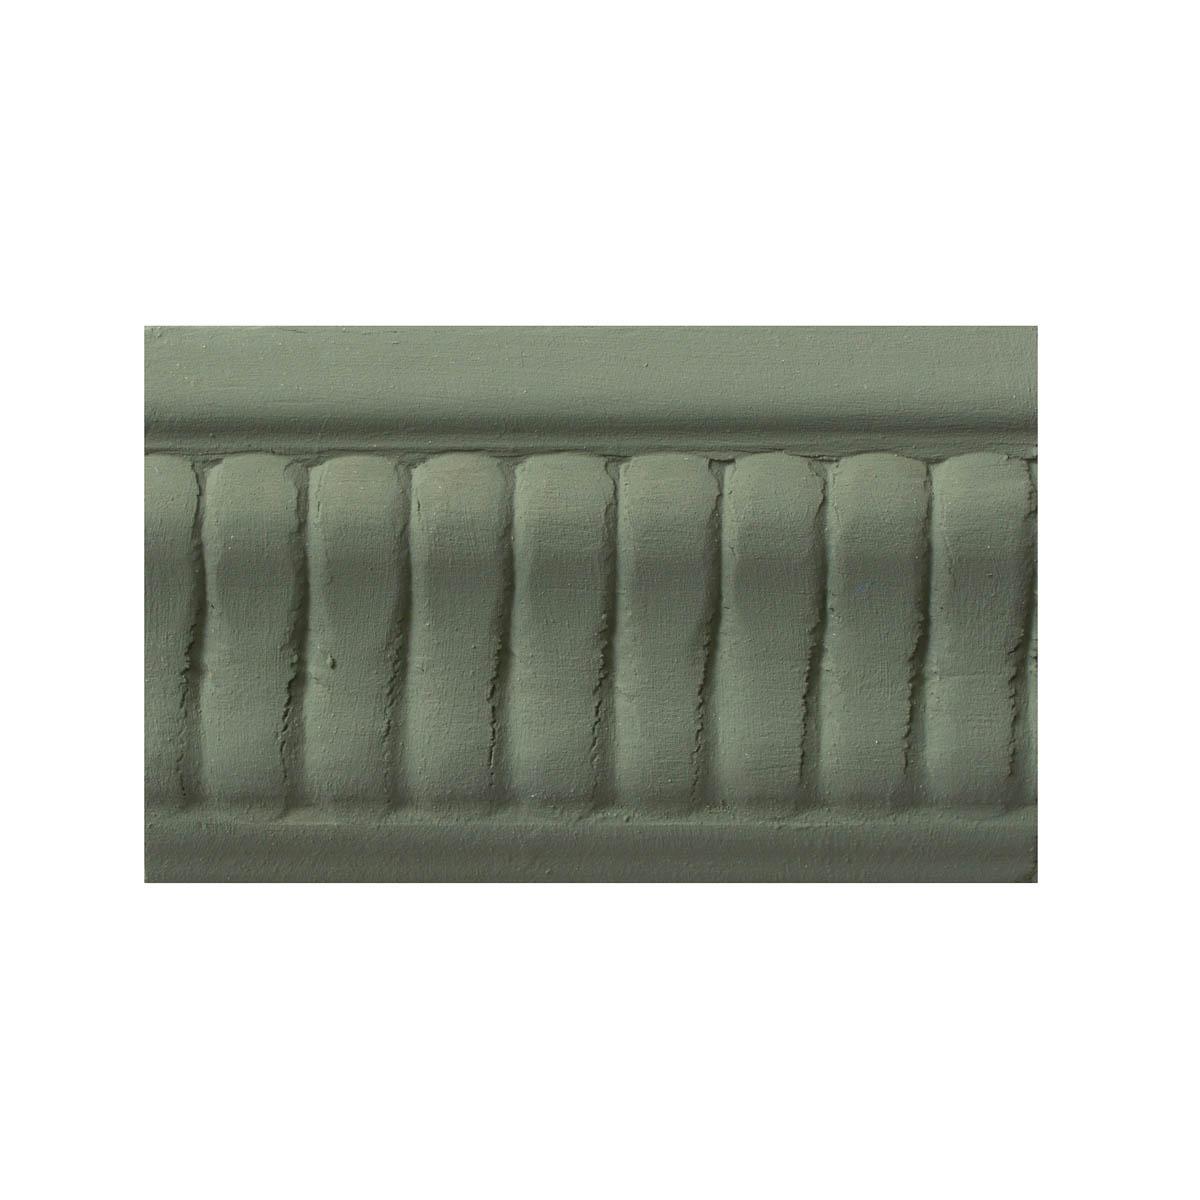 Waverly ® Inspirations Chalk Acrylic Paint - Moss, 8 oz.